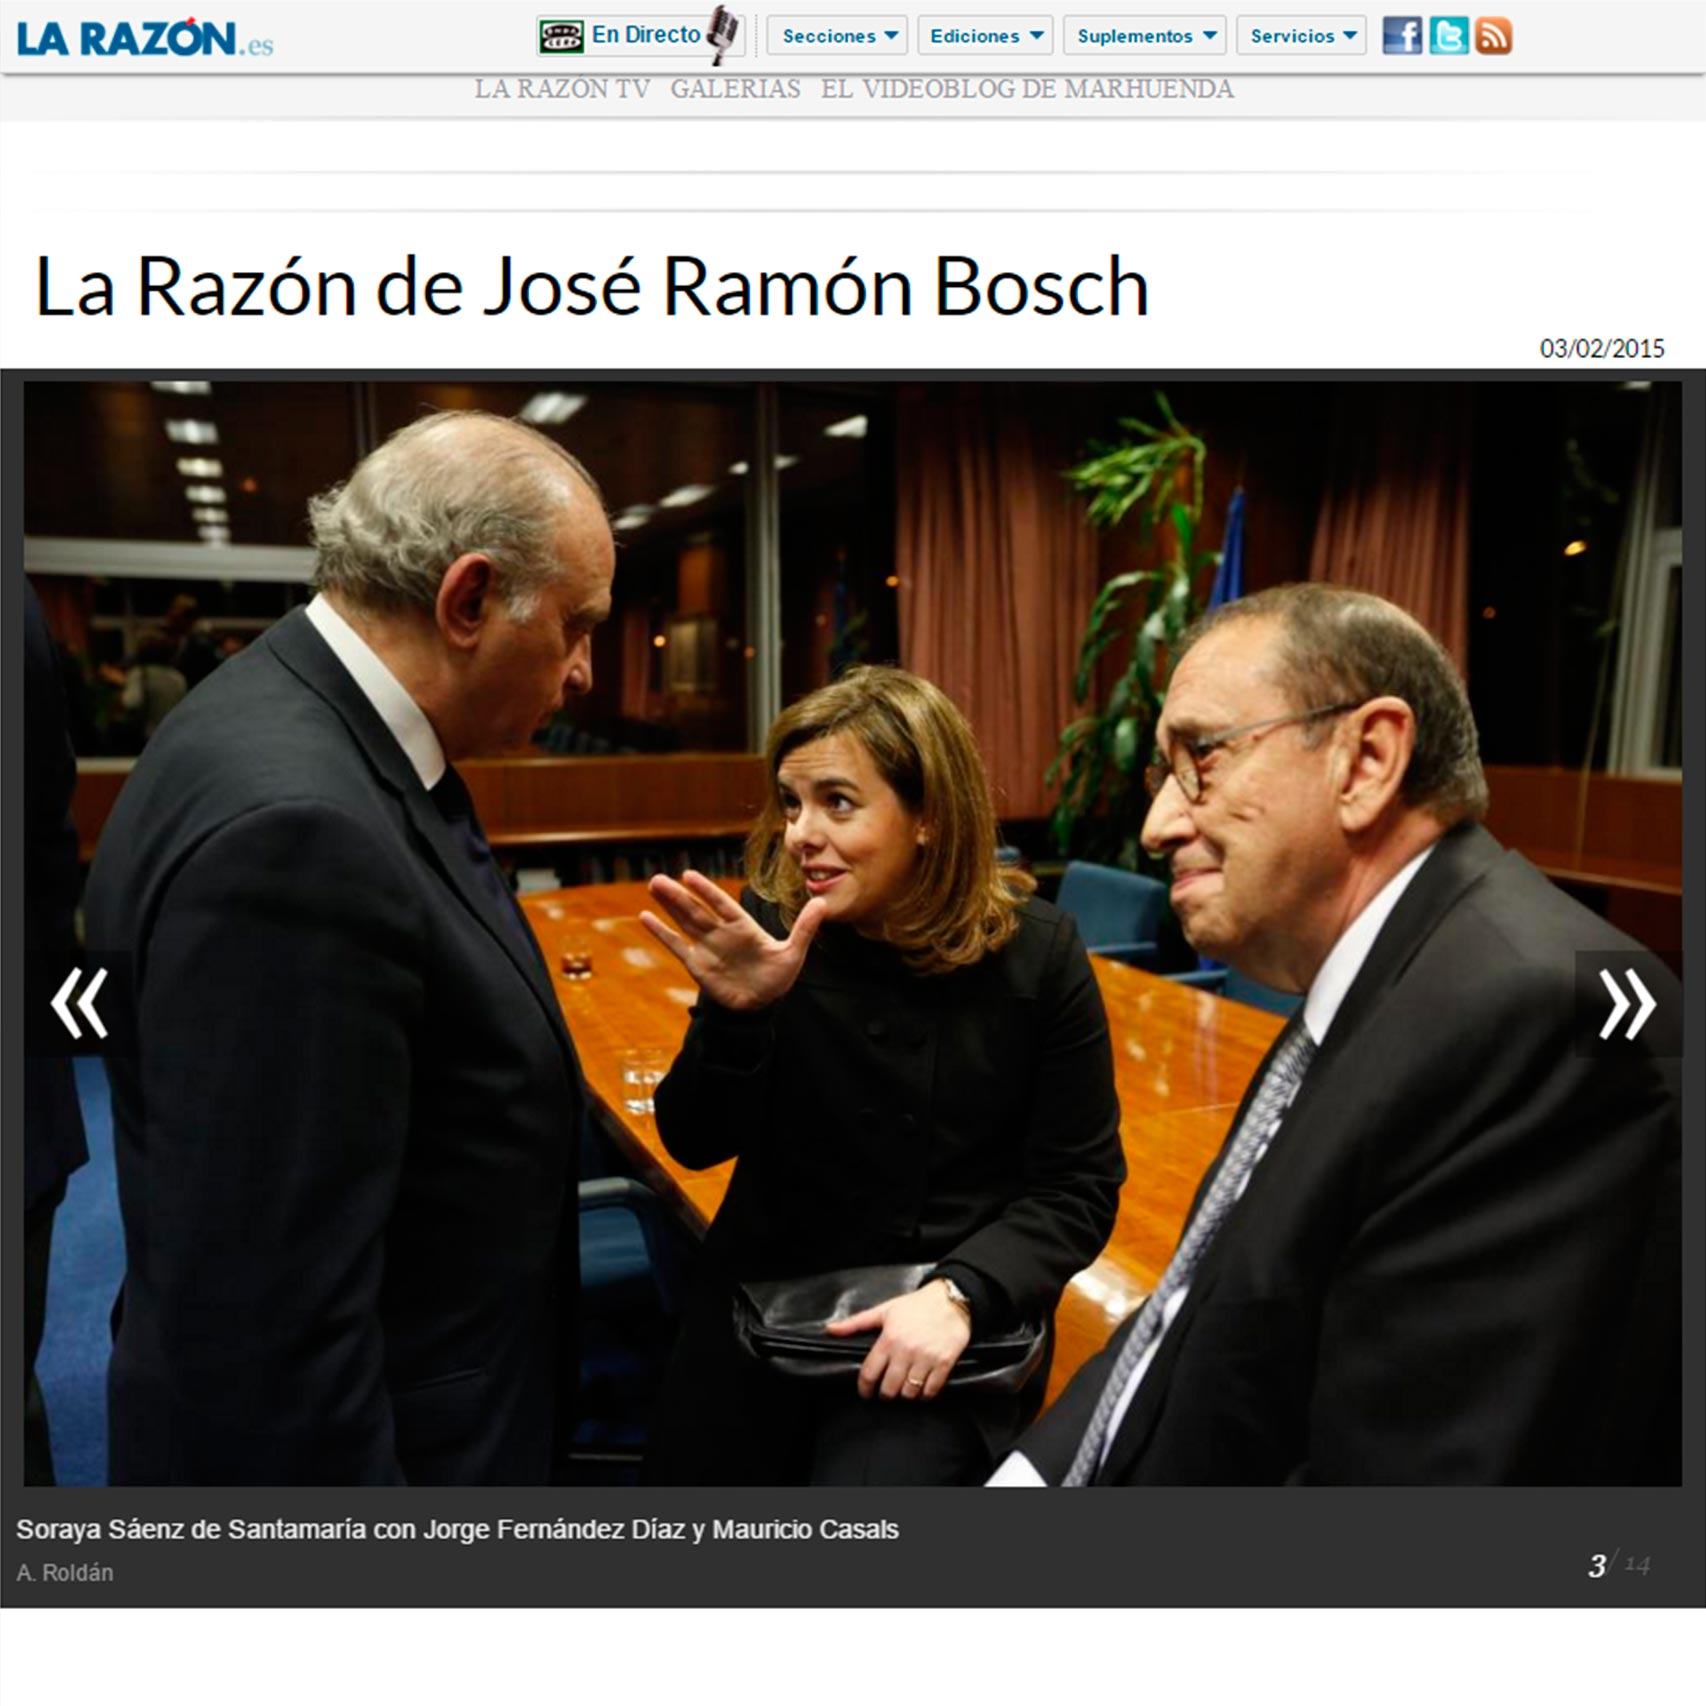 Imagen publicada en la web de La Razón, de Fernández Díaz, Casals y Saénz de Santamaría, en un acto de homenaje al entonces presidente de Sociedad Civil Catalana.